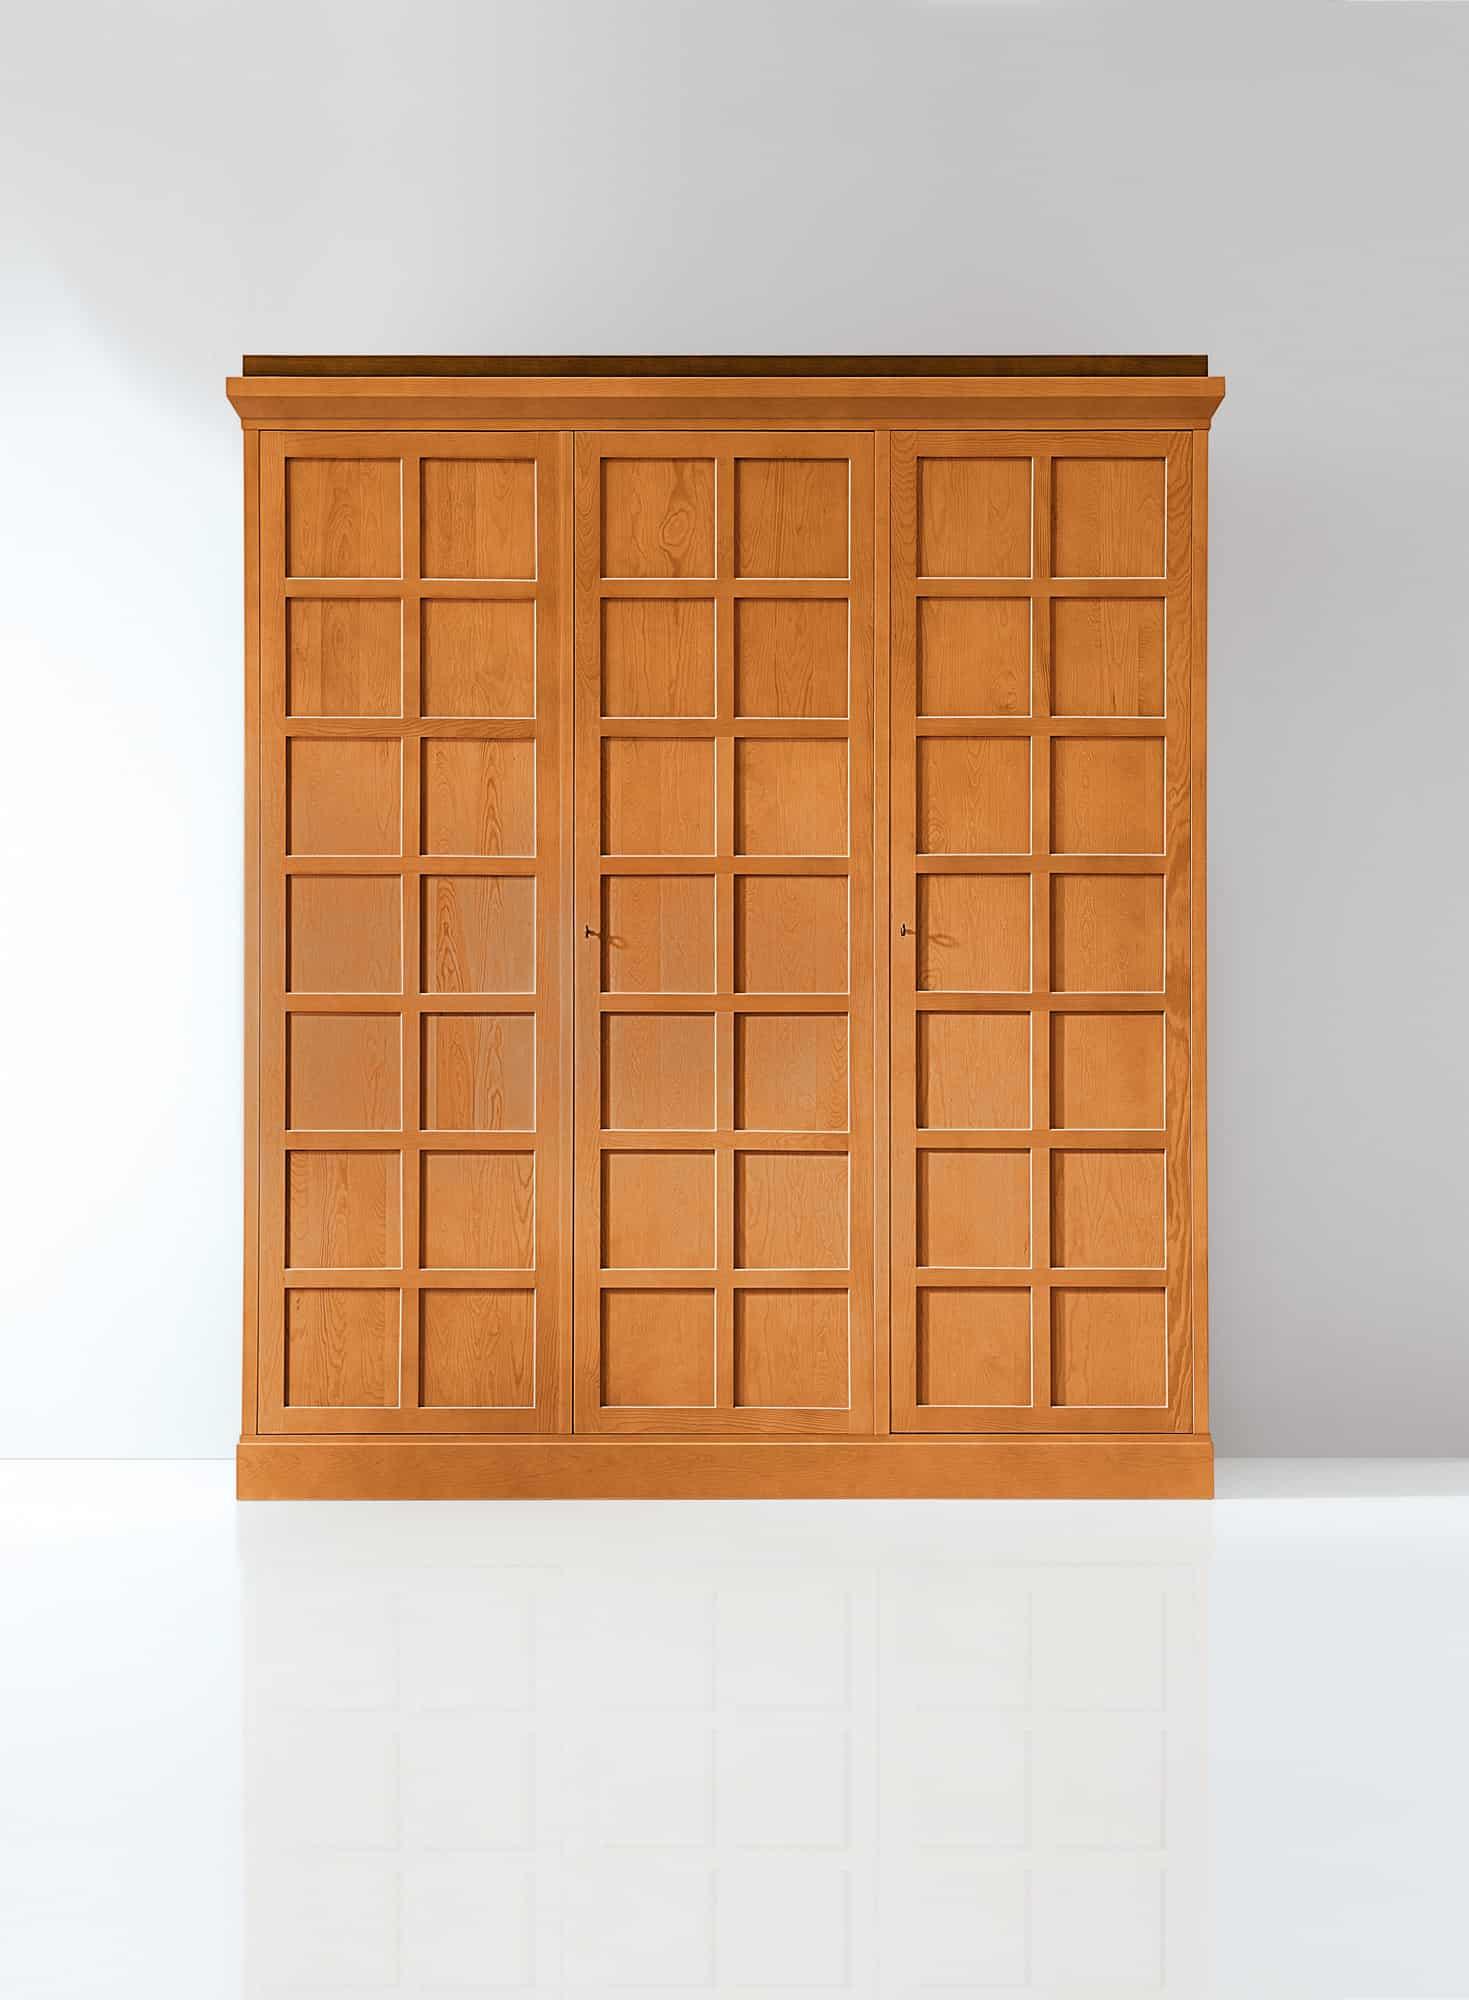 kleiderschr nke garderobenschr nke marktex. Black Bedroom Furniture Sets. Home Design Ideas